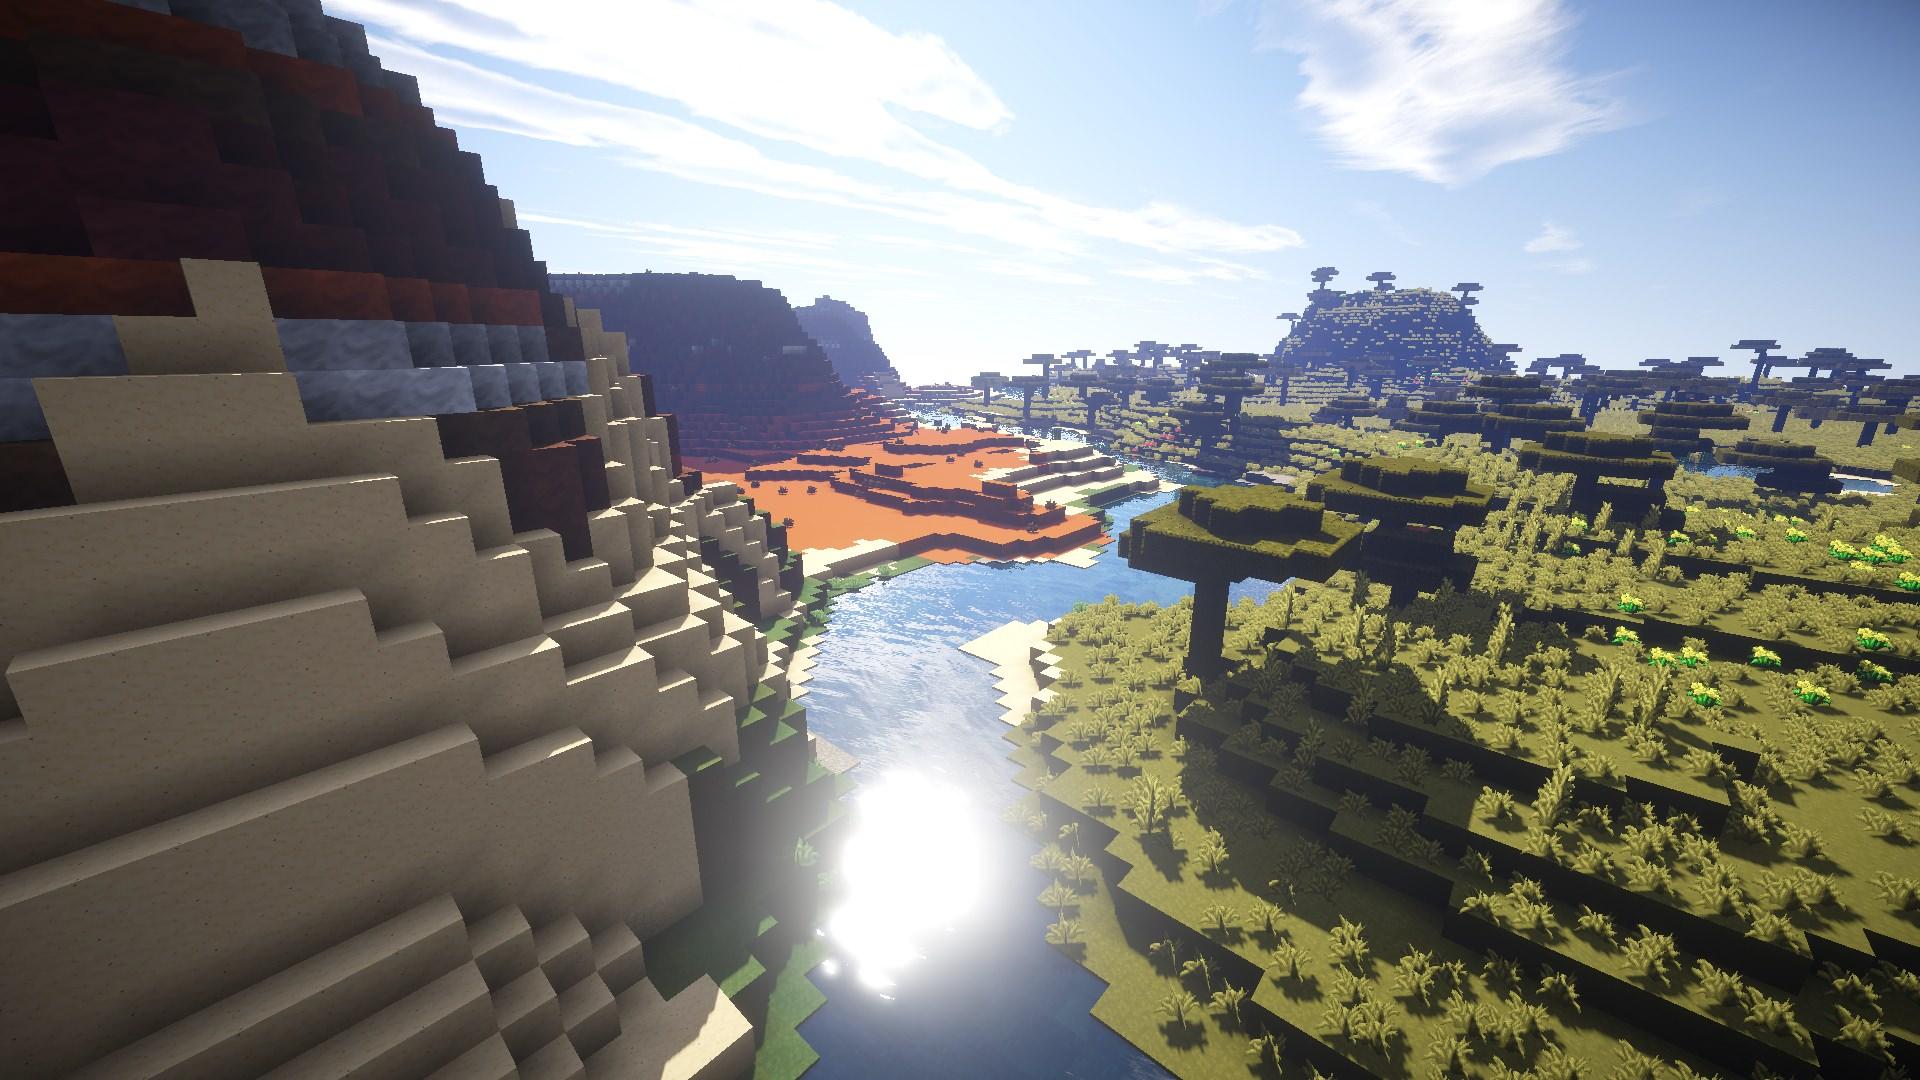 Gravy Minecraft Texture